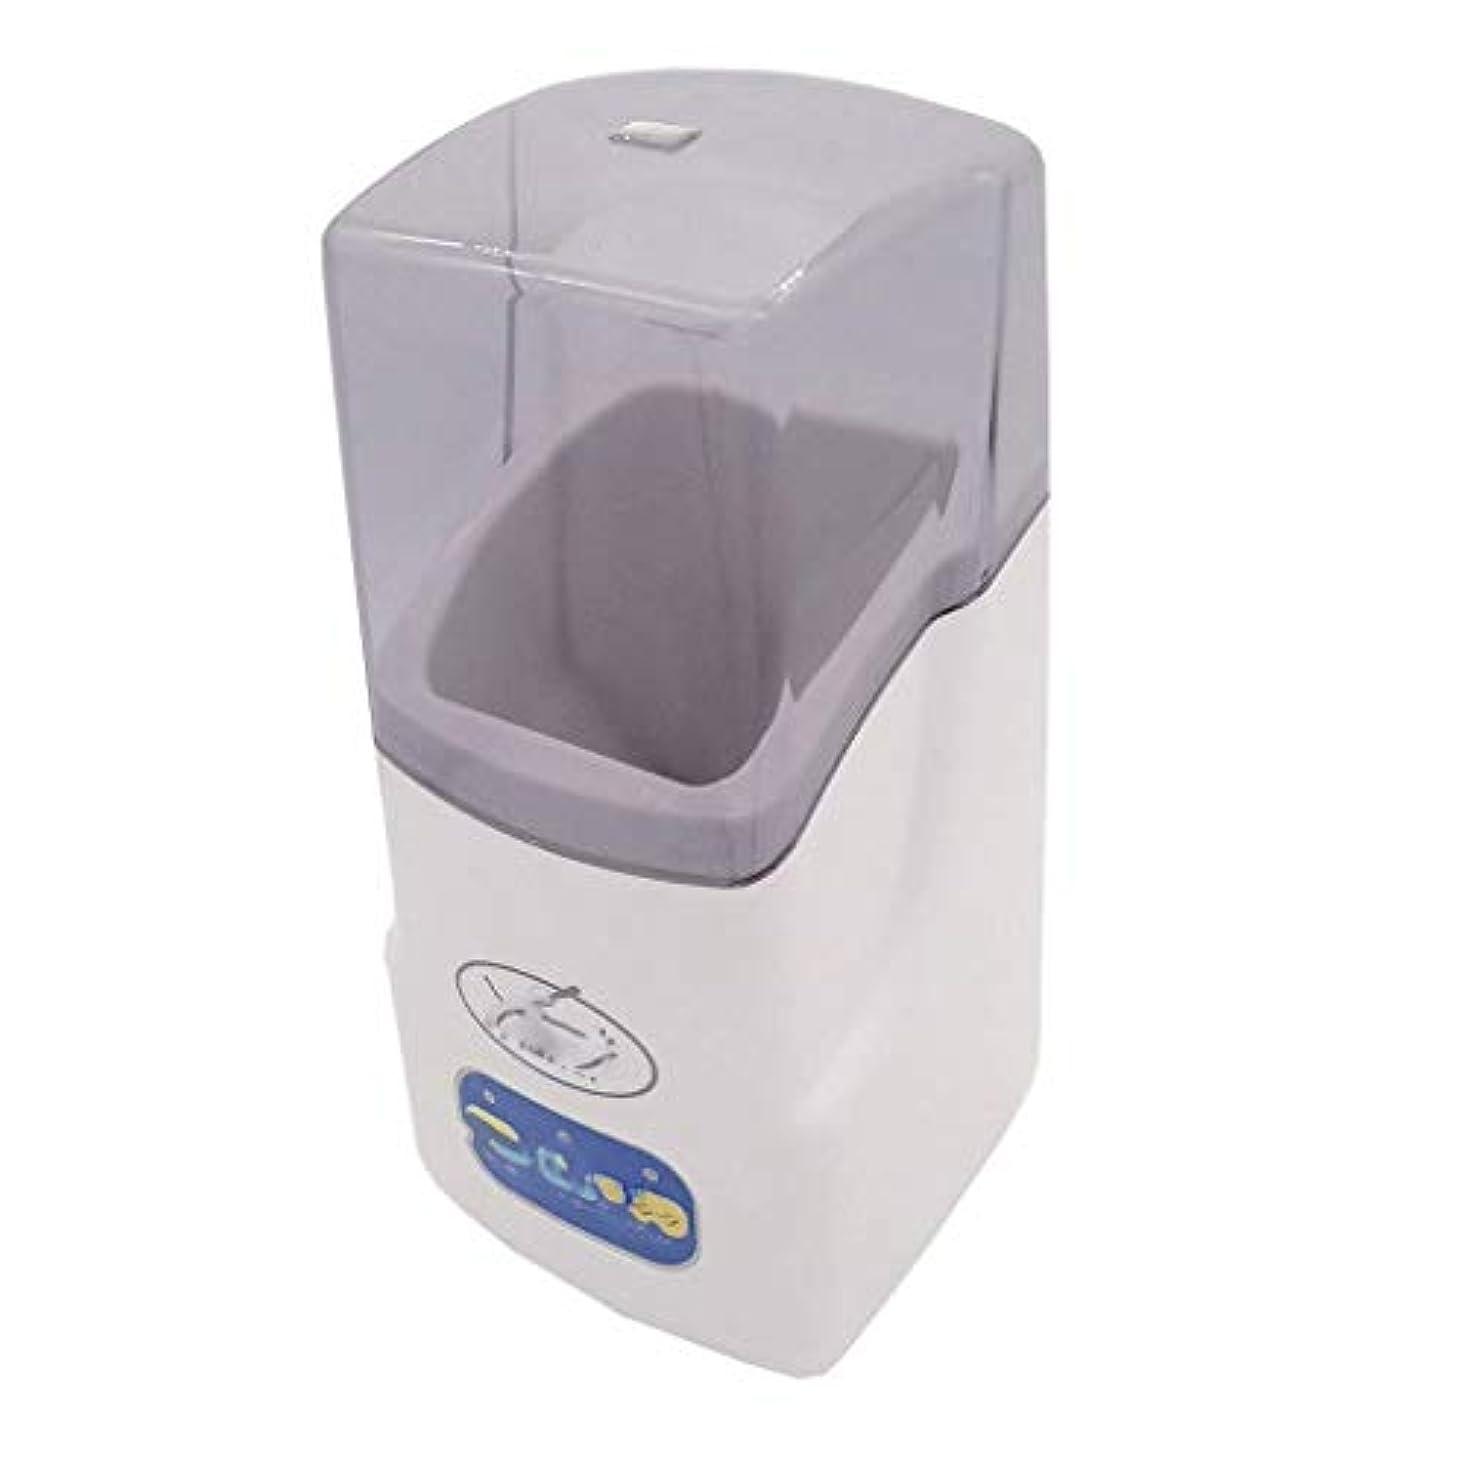 環境に優しいいたずら流SHYPT 使用ヨーグルトマシンホームヨーグルトマシン自動スマートヨーグルトマシンホットガスヨーグルトガラスライナー